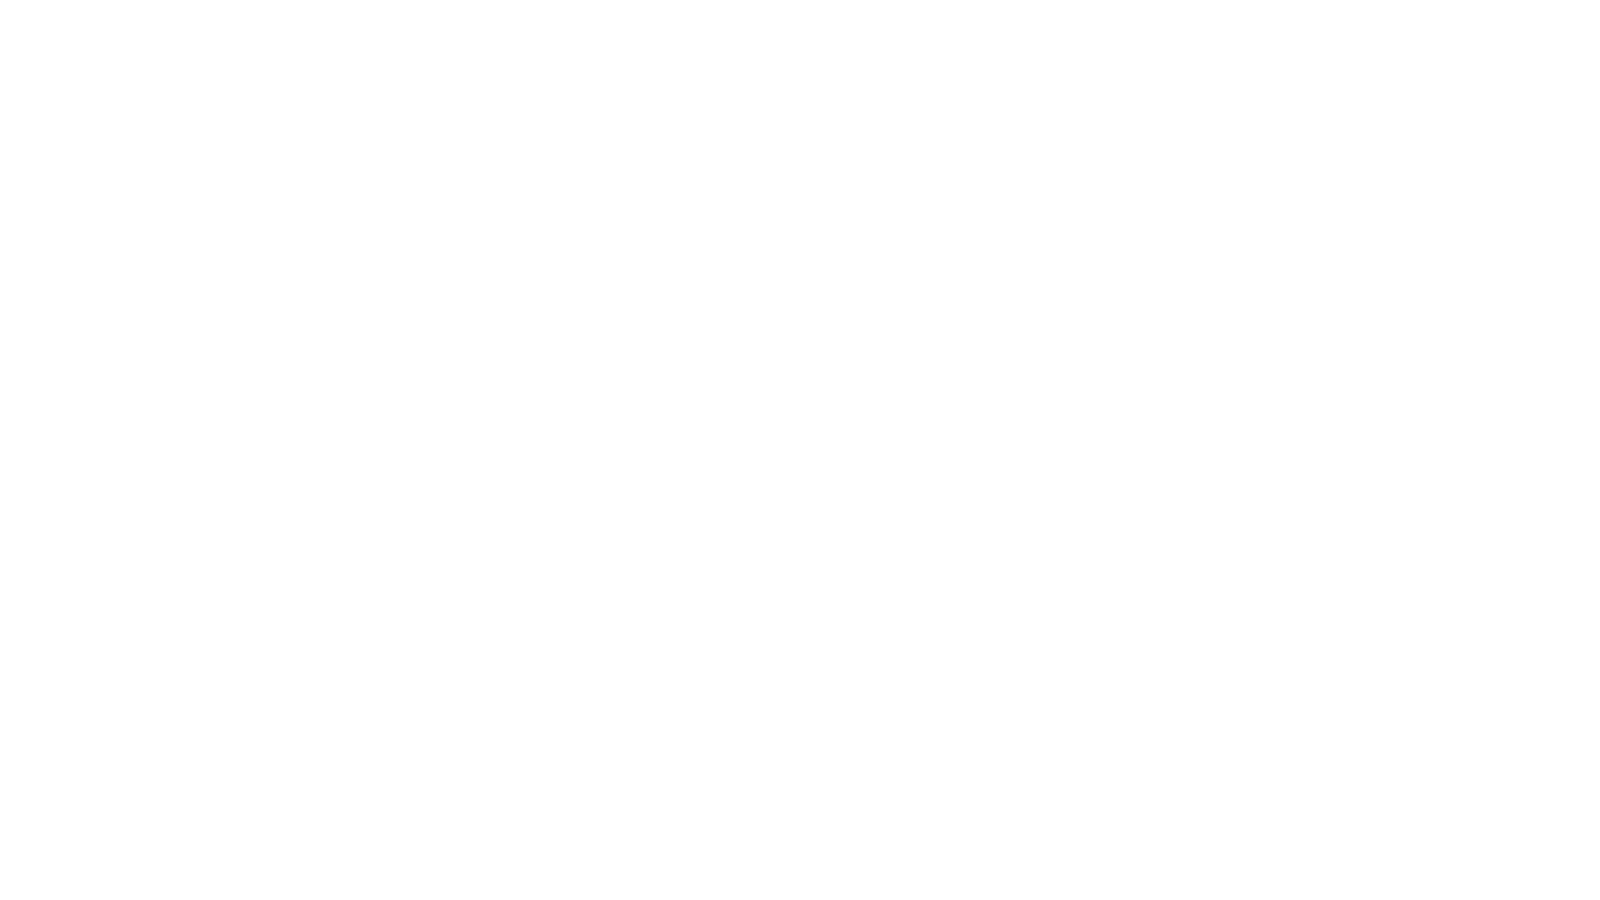 """Poesia """"Abbracci d'amore"""",  inserita nella mia seconda raccolta poetica """"Una danza d'emozioni"""" edita da Montedit. By Elenia Stefani  💌ISCRIVITI AL MIO CANALE🎉 #eleniastefani #unadanzademozioni #libridaleggere #scrittrice #poesie #frasi #pensieri #libri #leggerepoesie #bookstagram #libreria #readers #book #leggere #lettura #consiglidilettura #libriconsigliati #bookgrammer #bookstagramitalia #writer  #italianpoetry #photography #fotografia #libribelli #bookblogger #emozioniforti #poesiaitaliana #bookinfluencer #bookofinstagram"""